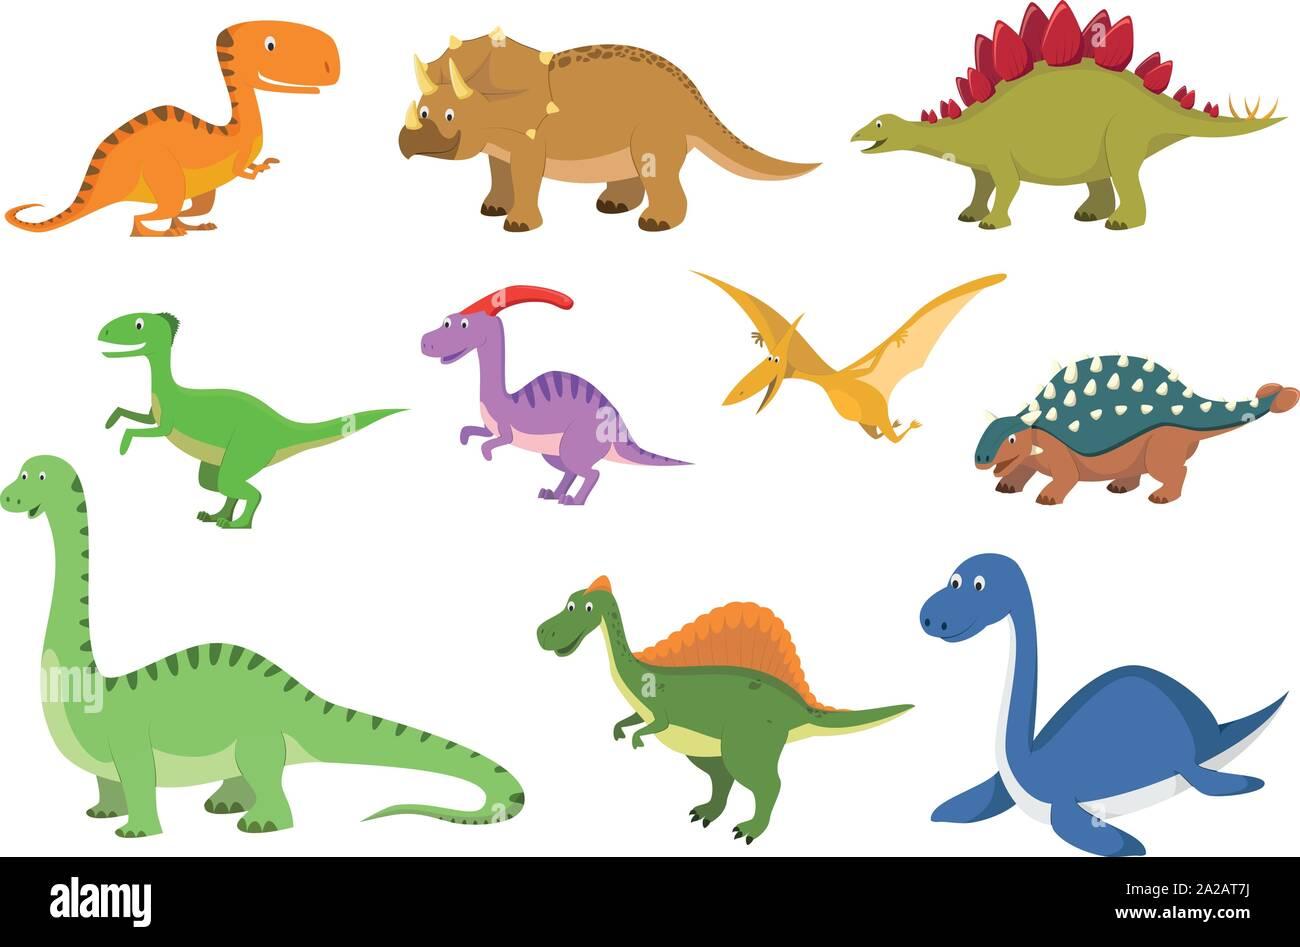 Conjunto De 10 Lindo Estilo De Dibujos Animados Dinosaurios En Ilustracion Vectorial Imagen Vector De Stock Alamy Para bajarte las imágenes animadas de dinosaurios, solo tienes que pinchar sobre la imagen y gifs, animaciones de la categoría dinosaurios. https www alamy es conjunto de 10 lindo estilo de dibujos animados dinosaurios en ilustracion vectorial image328464854 html